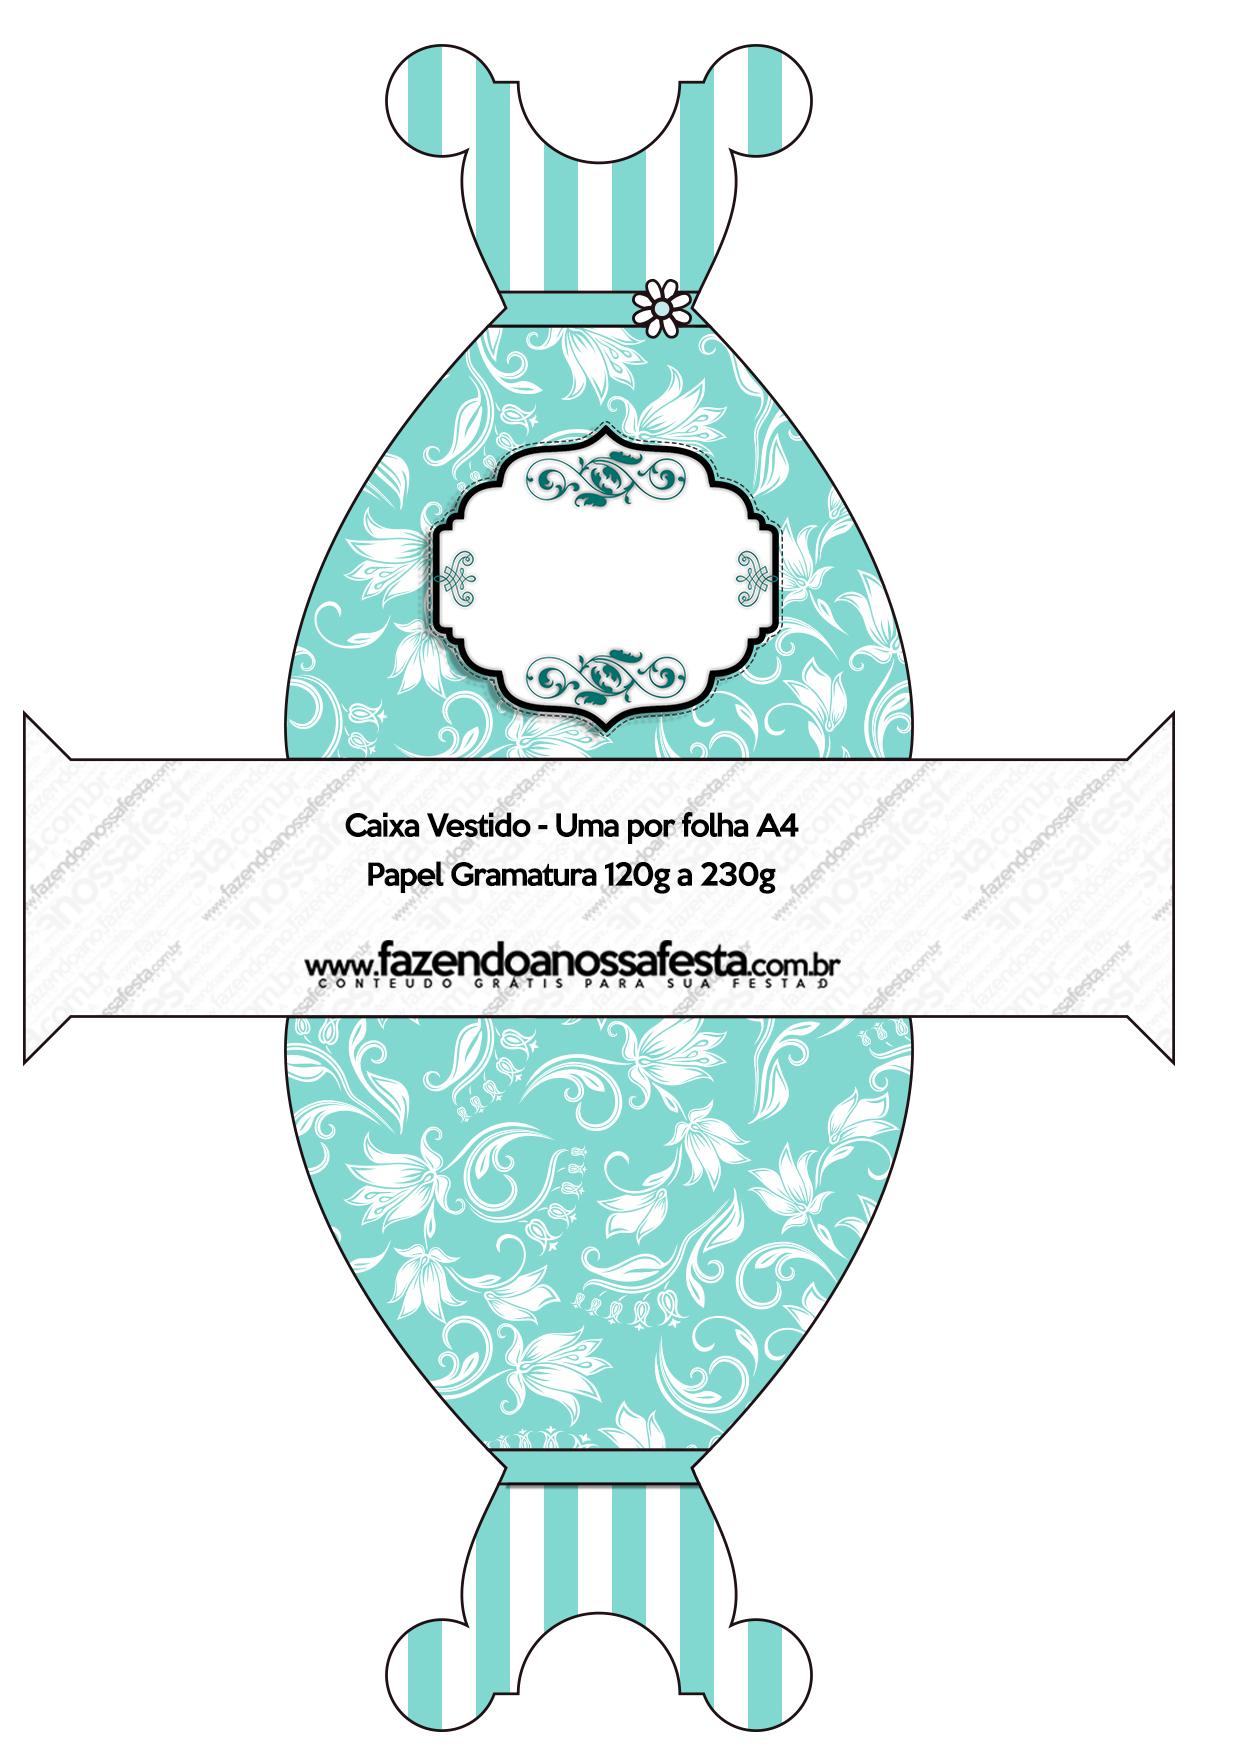 Kit Azul Tiffany Fazendo A Nossa Festa 58 Car Interior Design #319A90 1240 1744